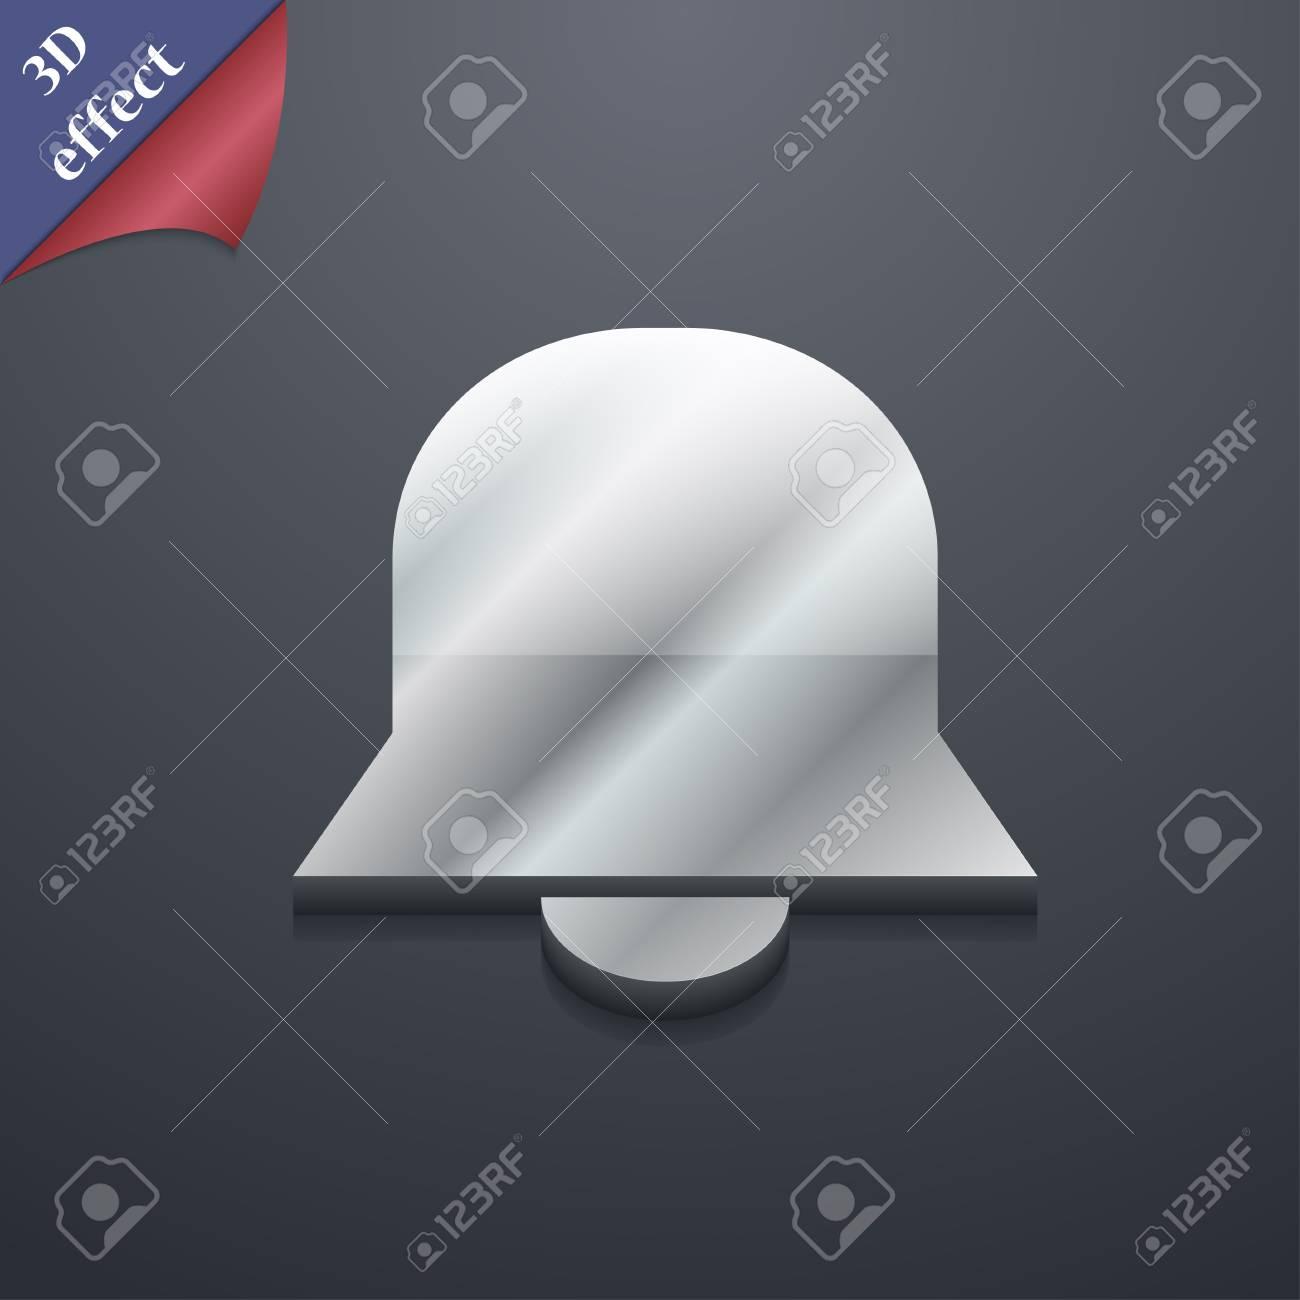 Campana De Alarma Icono De Símbolo. Plantillas En 3D. Diseño De ...